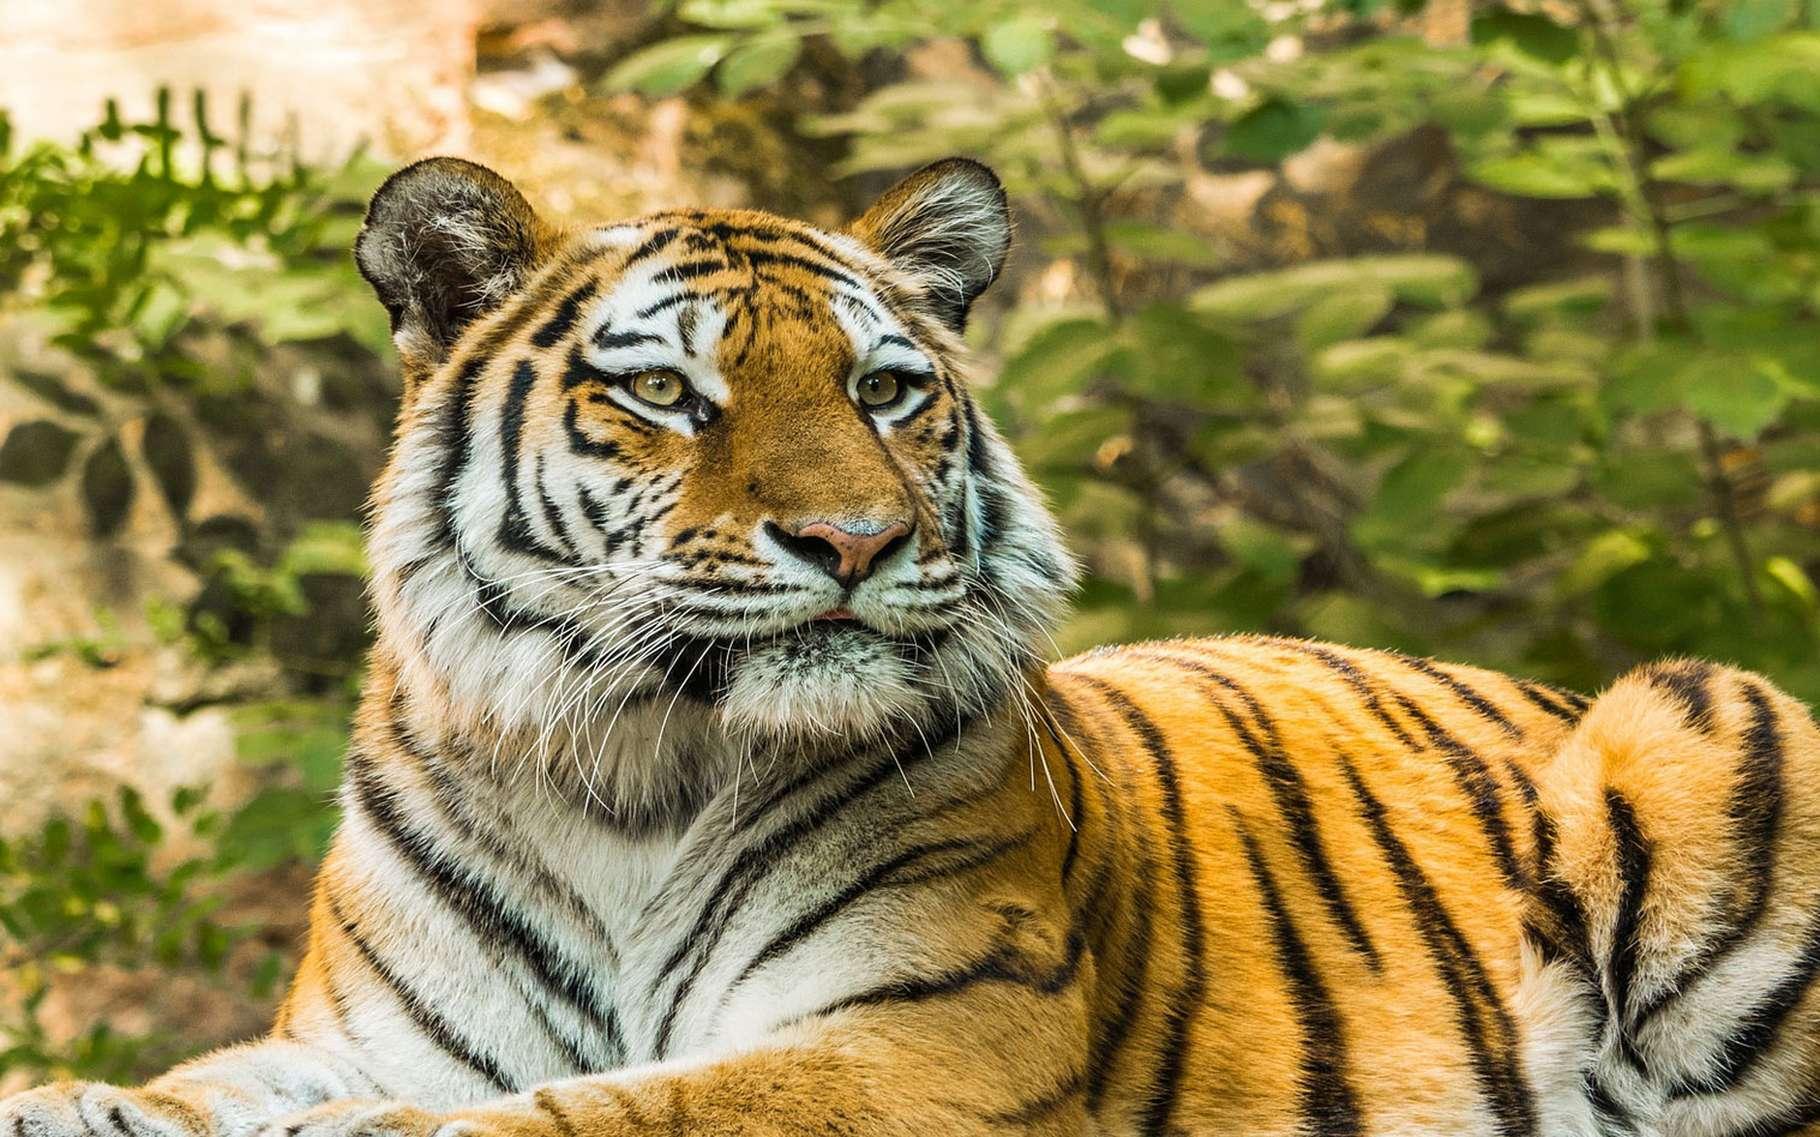 Les tigres sont les plus grands félins terrestres et des superprédateurs particulièrement redoutables. Cerf, sanglier ou même buffle, peu de proies résistent à leurs attaques. Reconnaissables entre mille avec sa fourrure rousse rayée de noir, le tigre de Sibérie est l'espèce la plus imposante, il peut mesurer jusqu'à 3 mètres de long et peser 300 kilos. Les tigres sont des animaux solitaires qui ne rencontrent leurs congénères que pour se reproduire. La femelle met bas, après trois mois de gestation, deux à trois petits en moyenne. Ils resteront près de leur mère jusqu'à deux ans. Bien que les tigres vivent dans des habitats très divers, allant des plaines glacées de Sibérie à la jungle dense de Sumatra, leur environnement ne cesse de se réduire. Aujourd'hui, ils vivent essentiellement en Inde, pays qui concentre la moitié de la population sauvage de ces grands félins. © Heidelbergerin, CCO